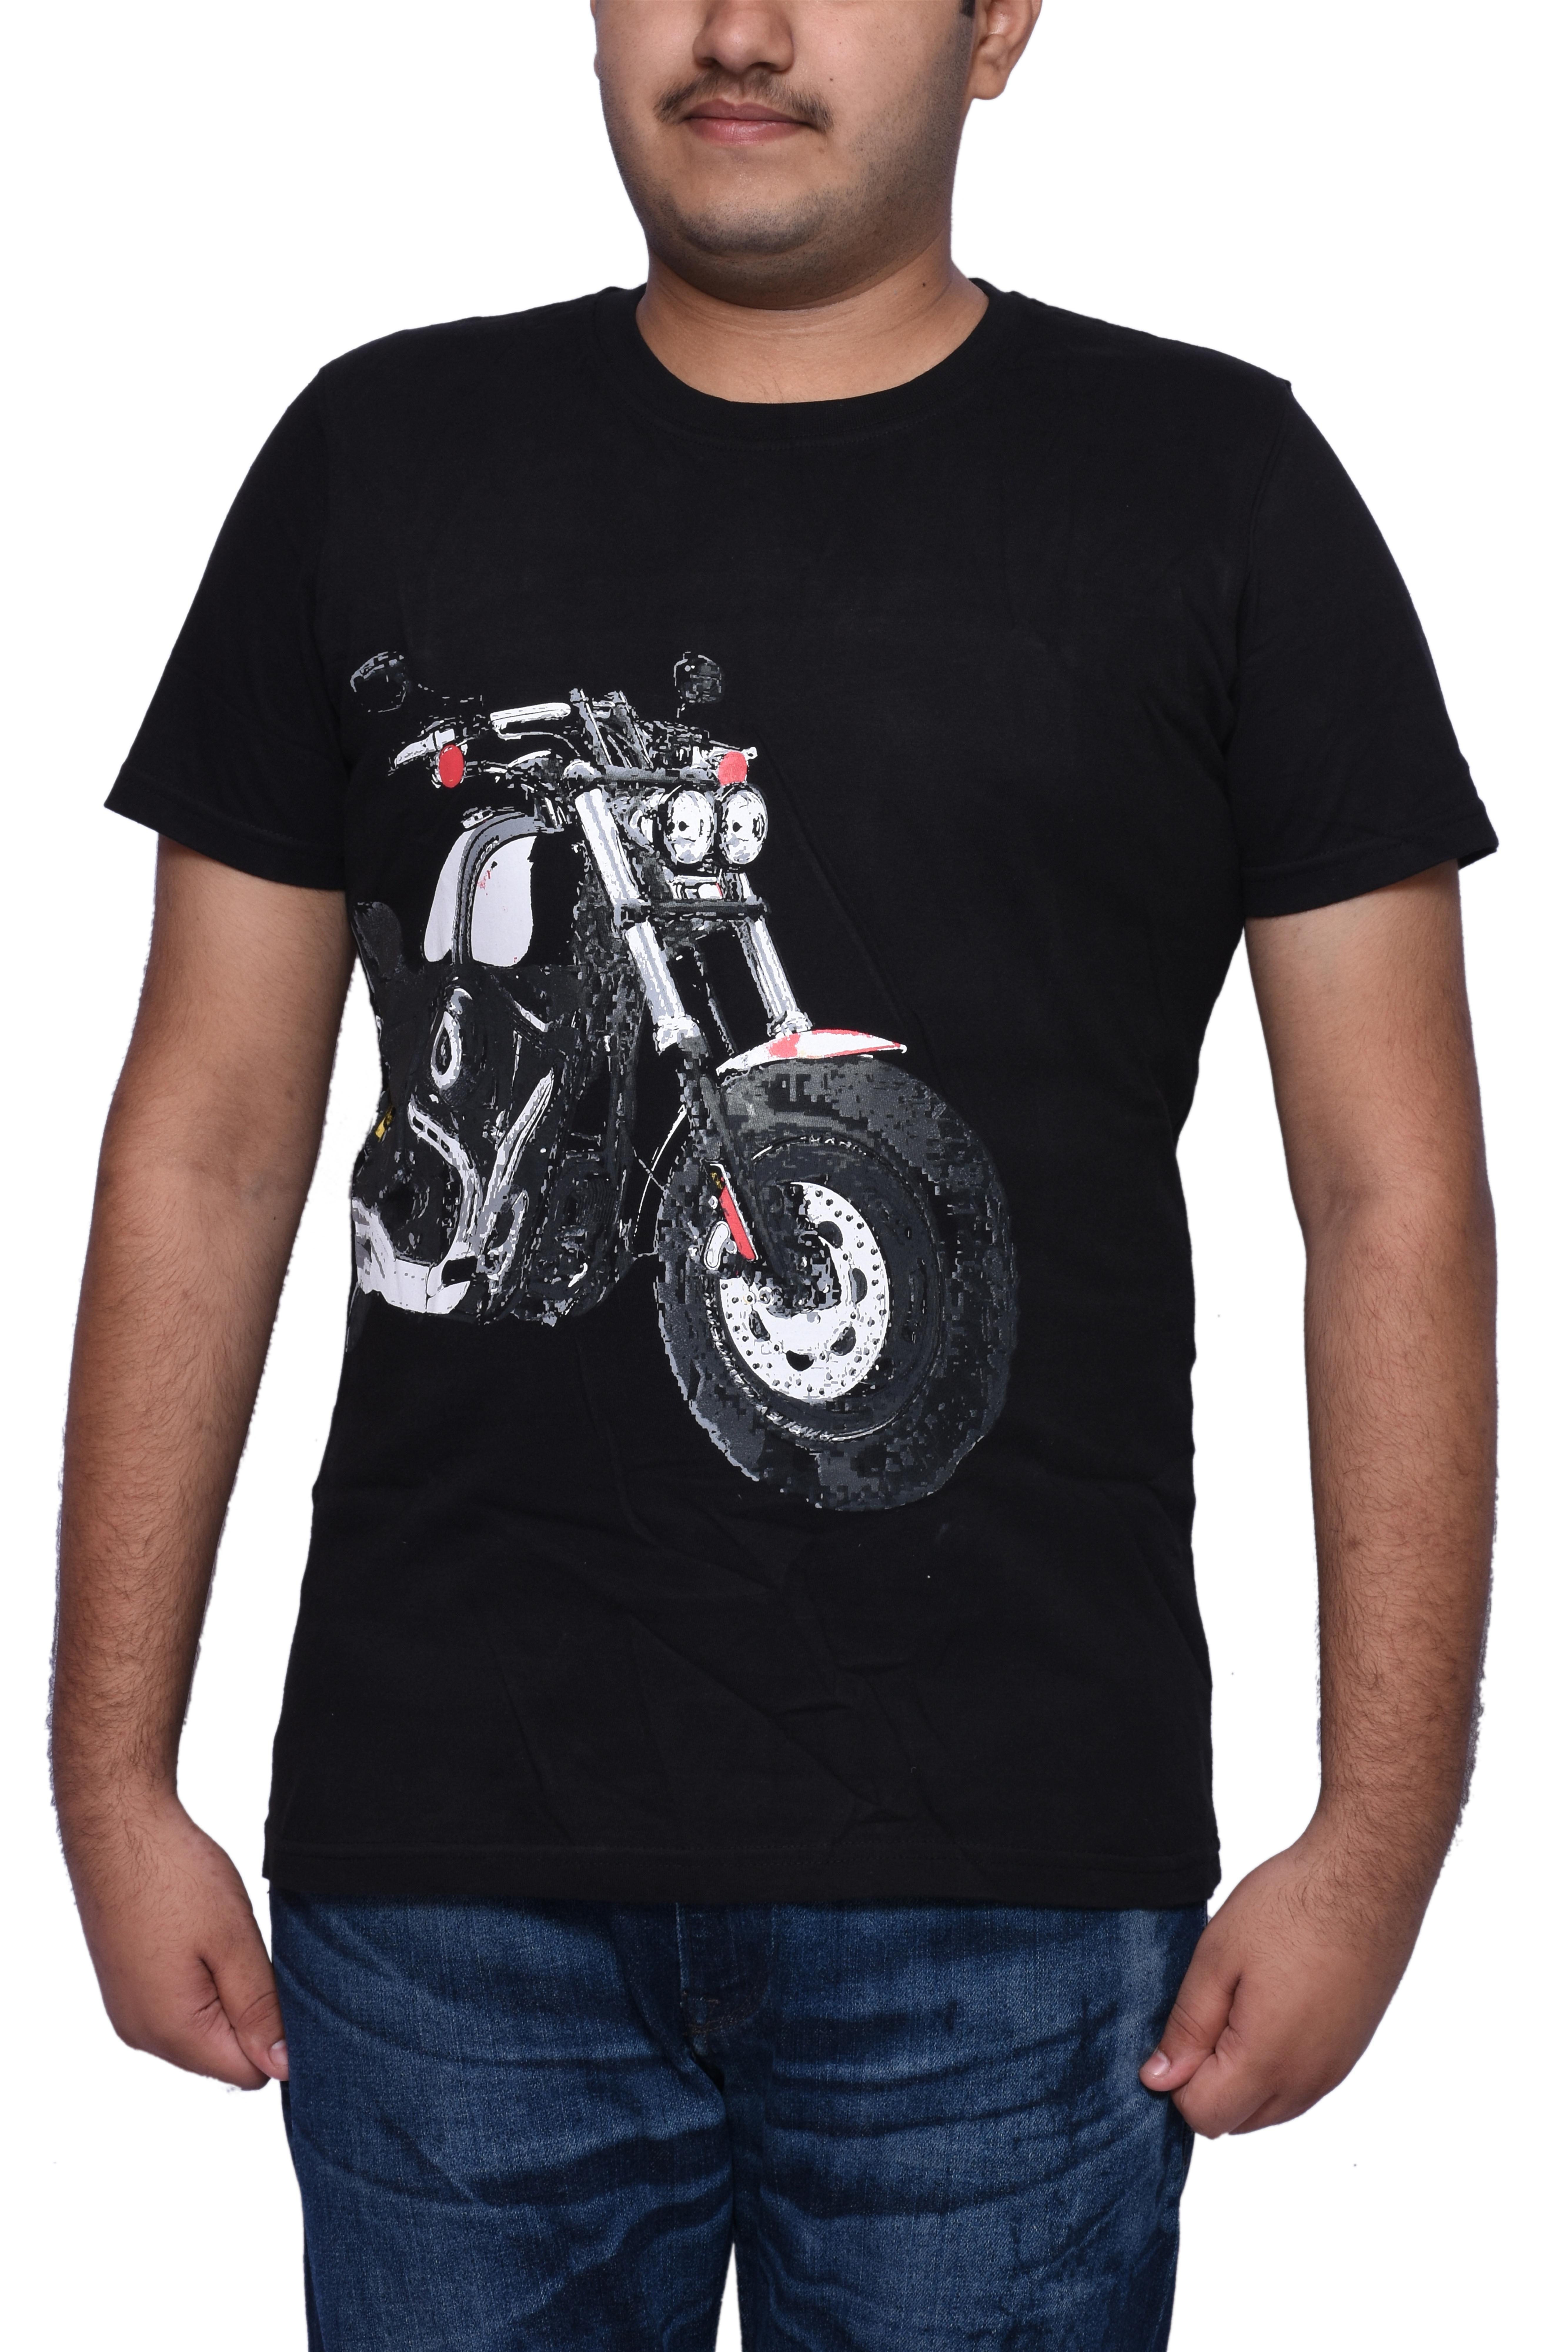 Buy Oneliner Mens Black T Shirt Printed Bike Design Menstshirt